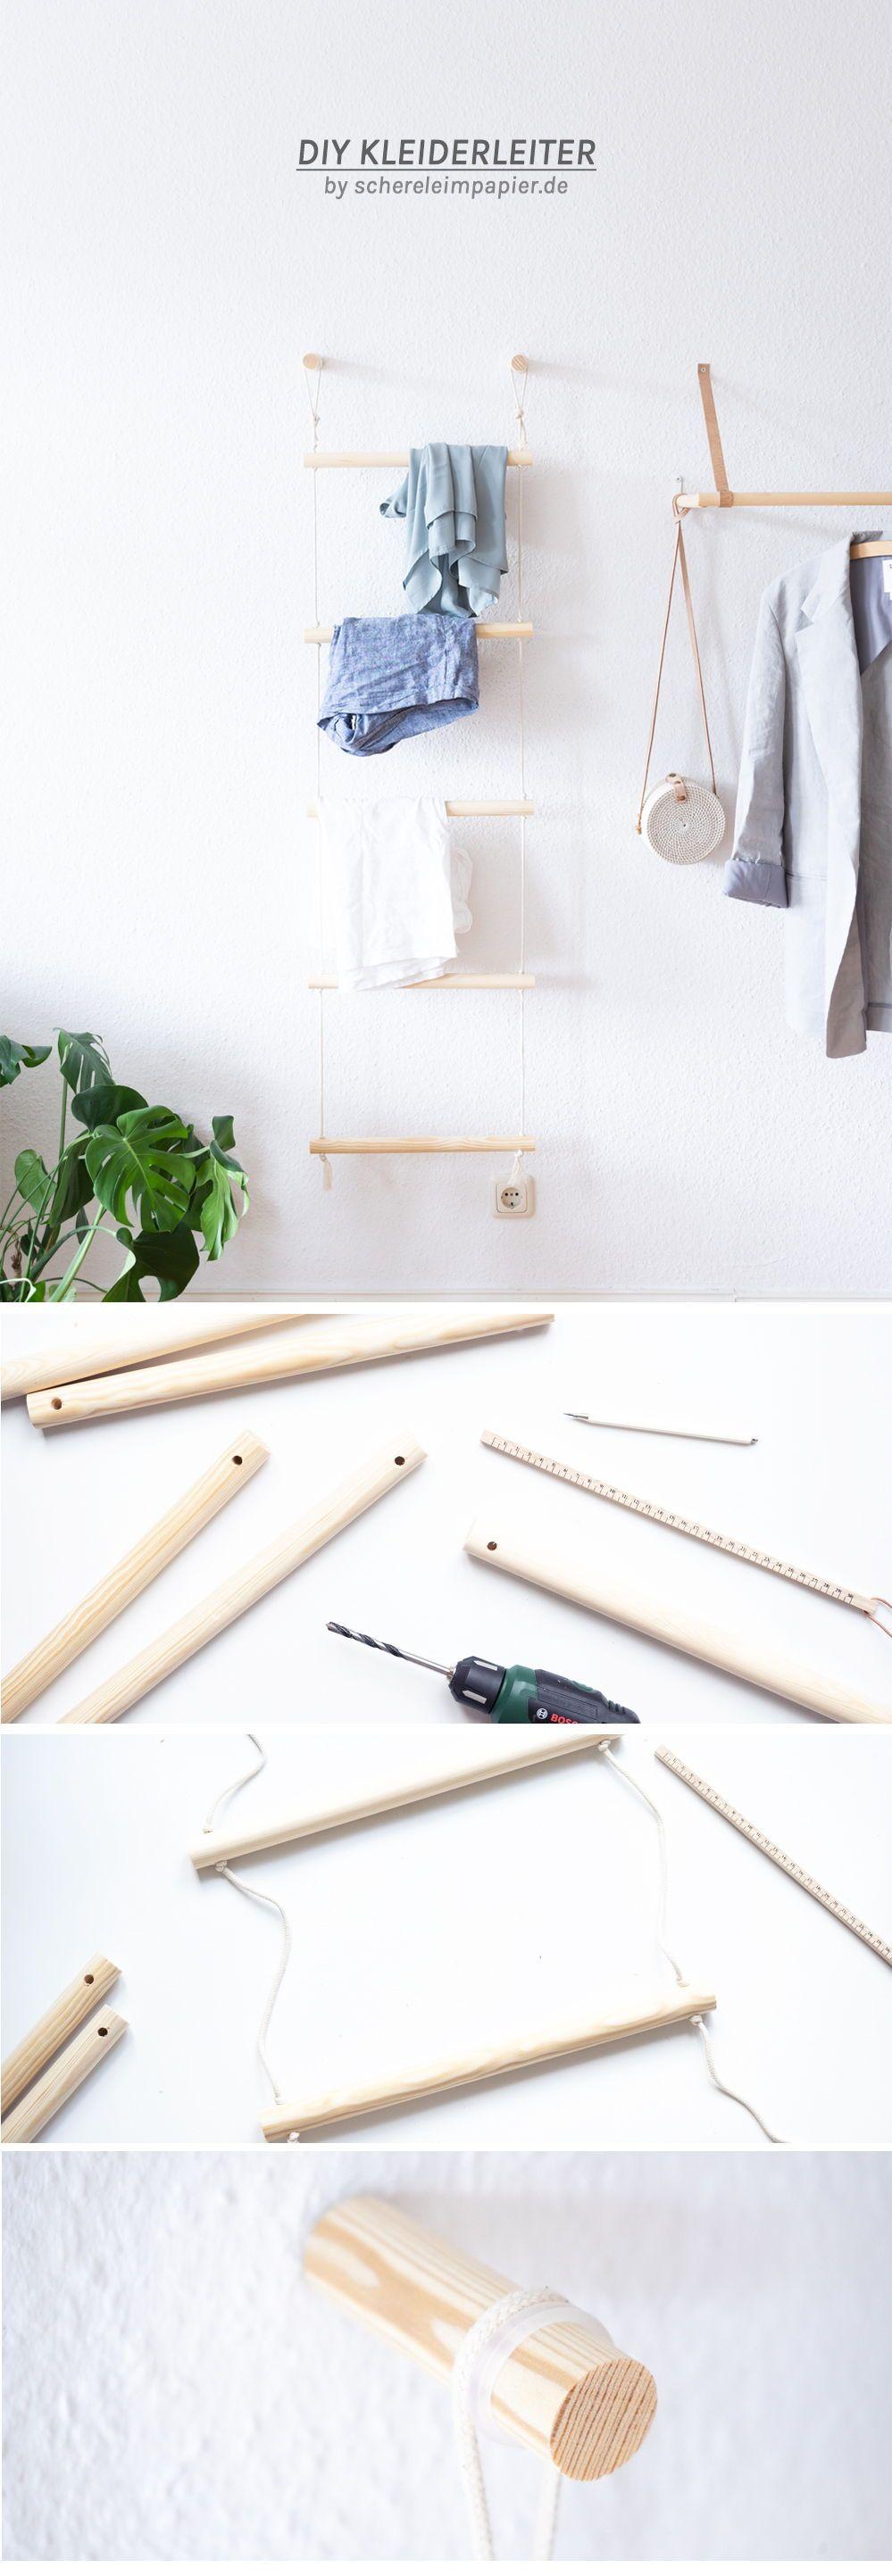 Ordnung schaffen mit Stil: DIY Kleiderleiter bauen #zuhausediy